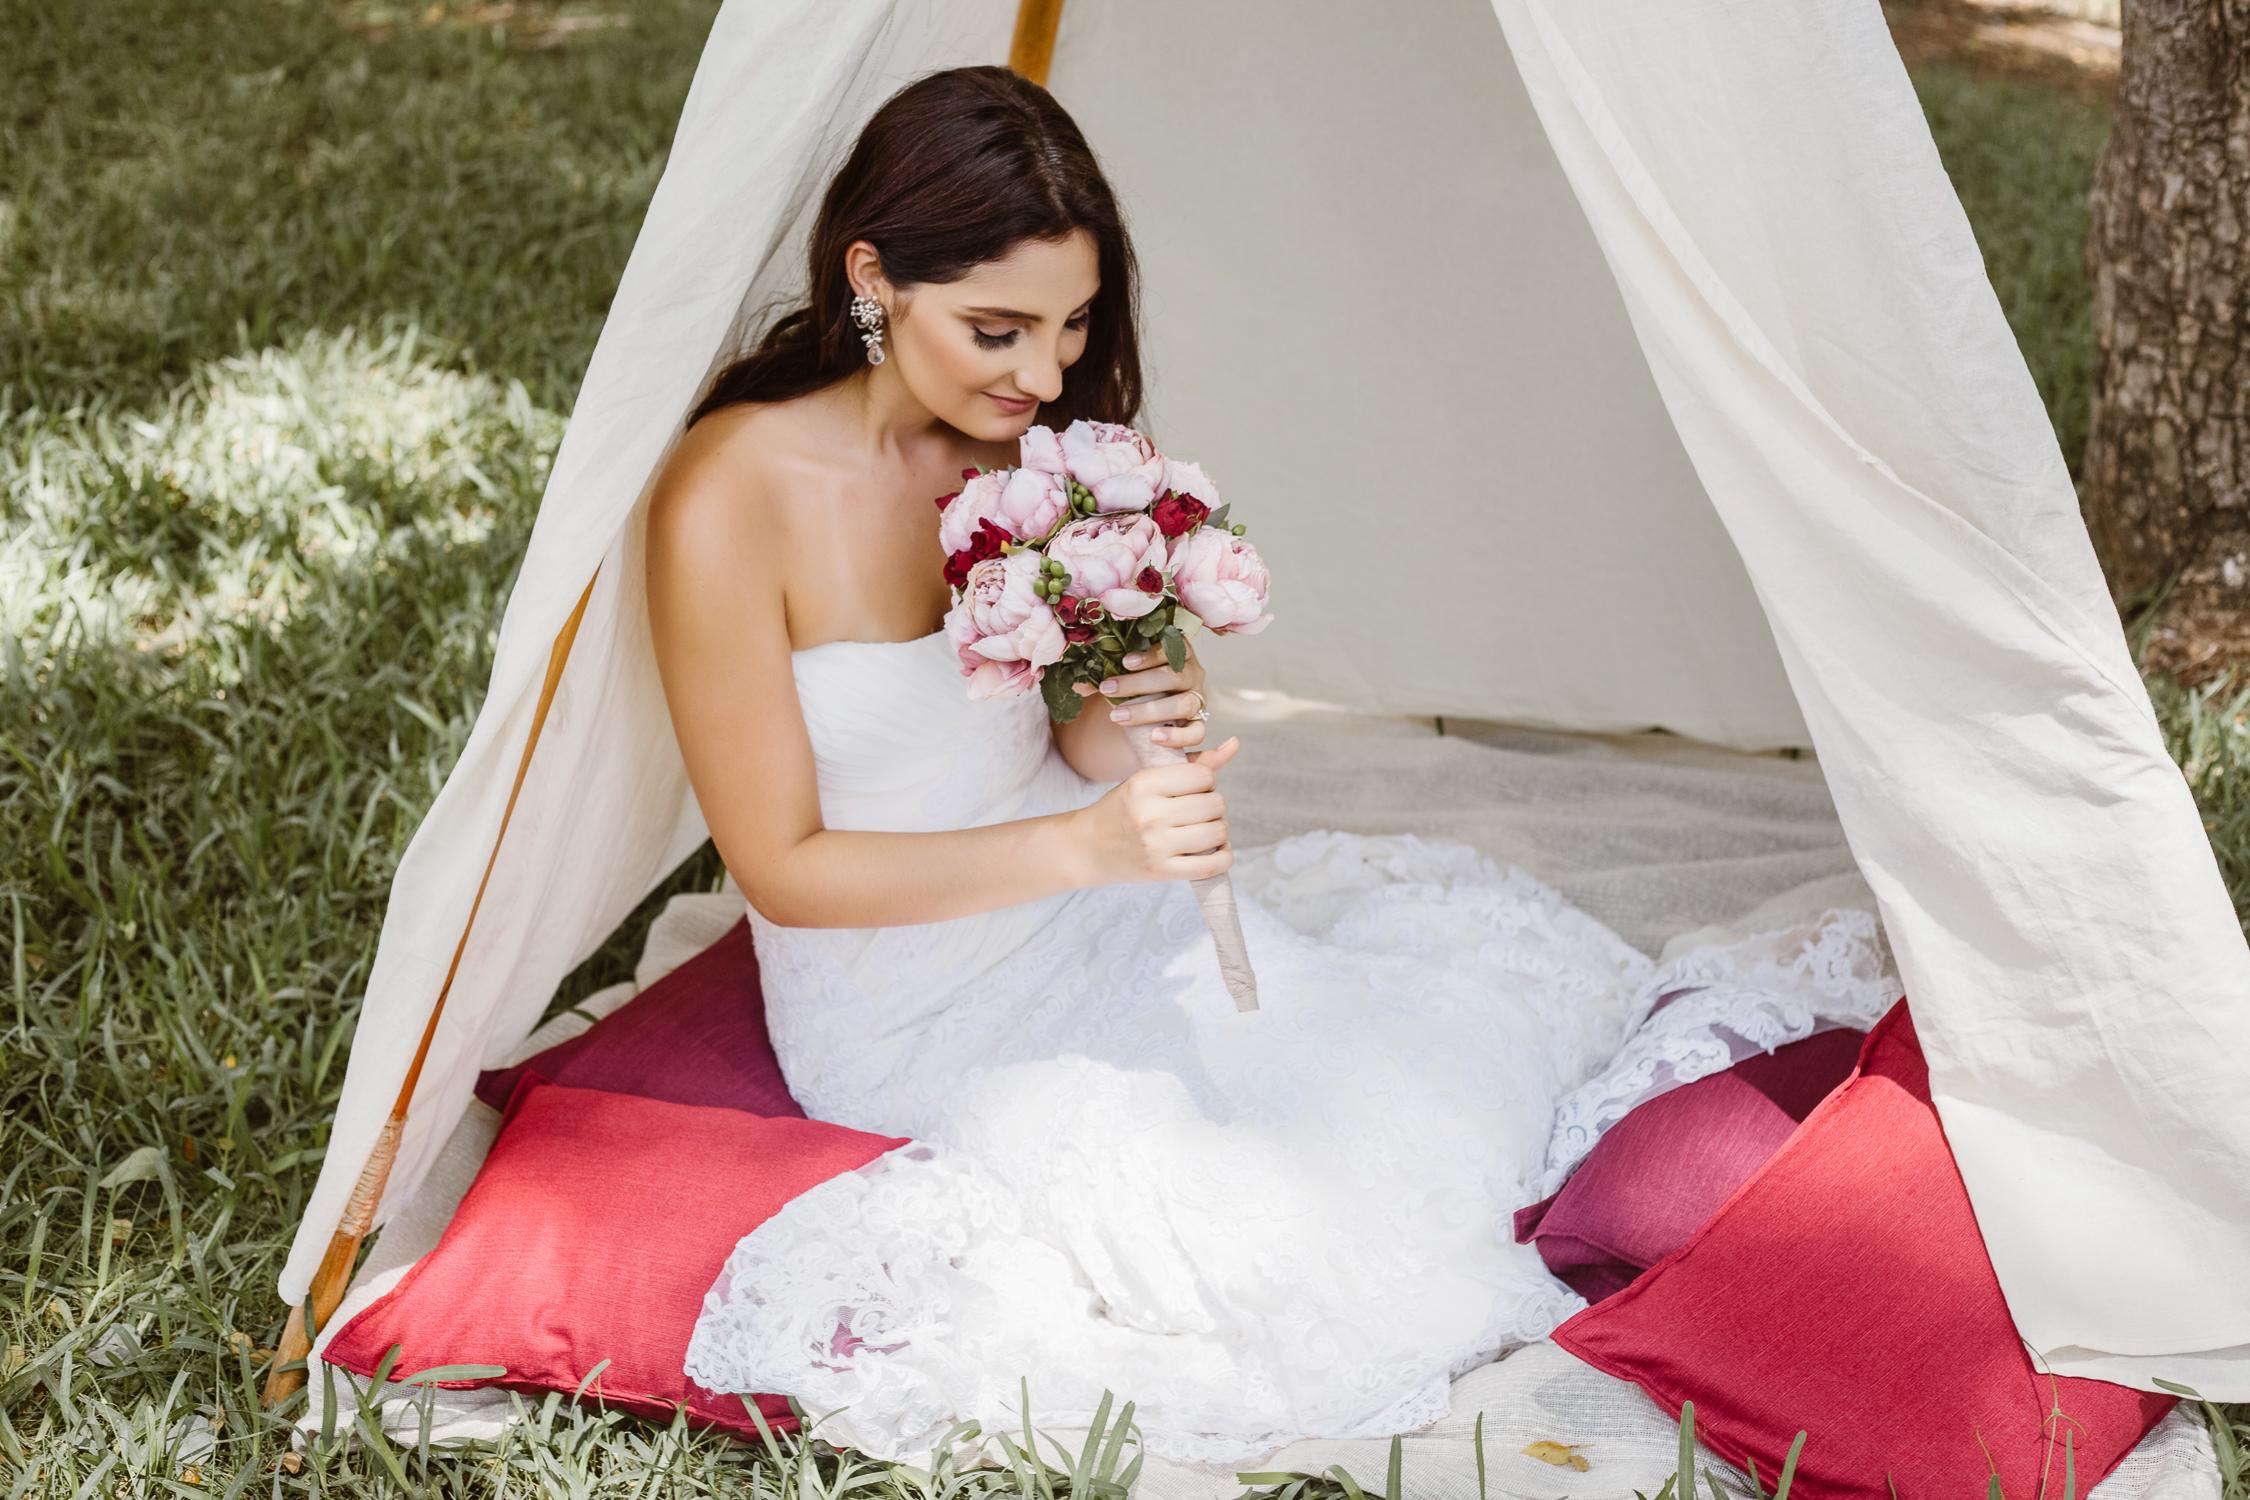 Michelle-Agurto-Fotografia-Bodas-Ecuador-Destination-Wedding-Photographer-Nathalie-Sebas-12.JPG